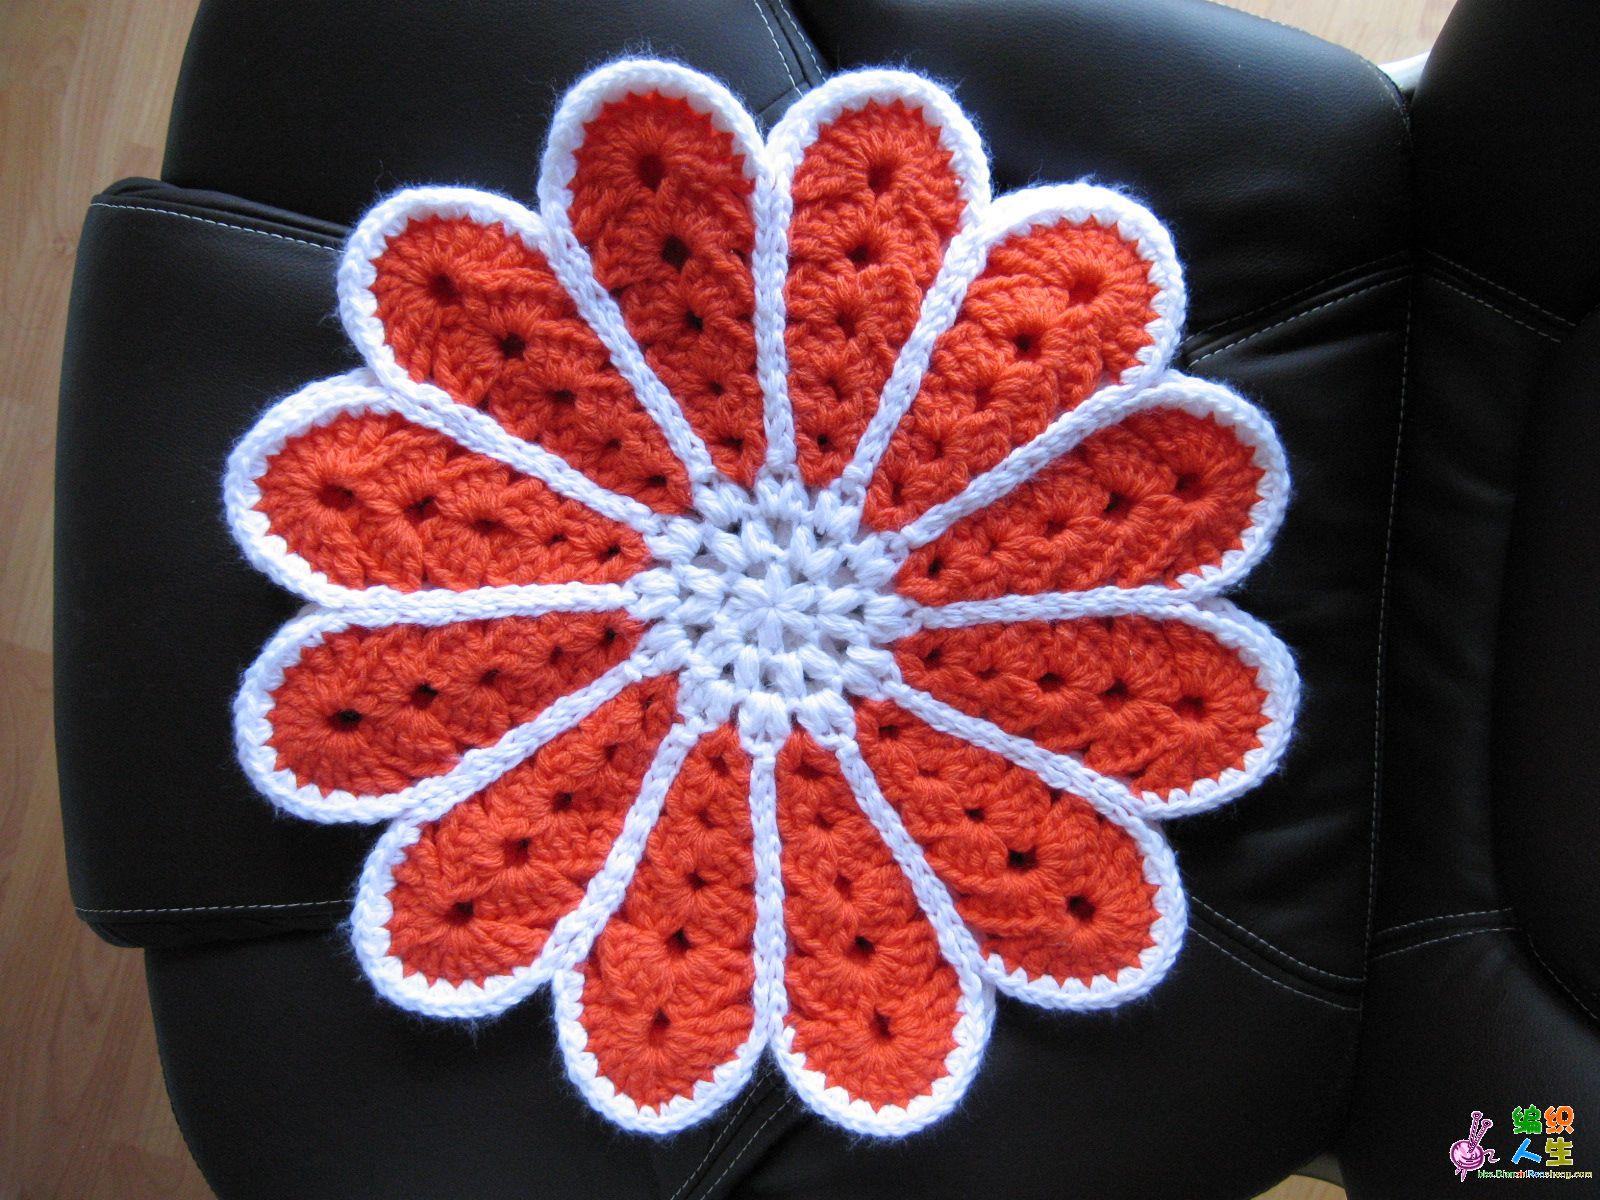 毛线钩坐垫图案_方形坐垫的钩法图解内容|方形坐垫的钩法图解版面设计